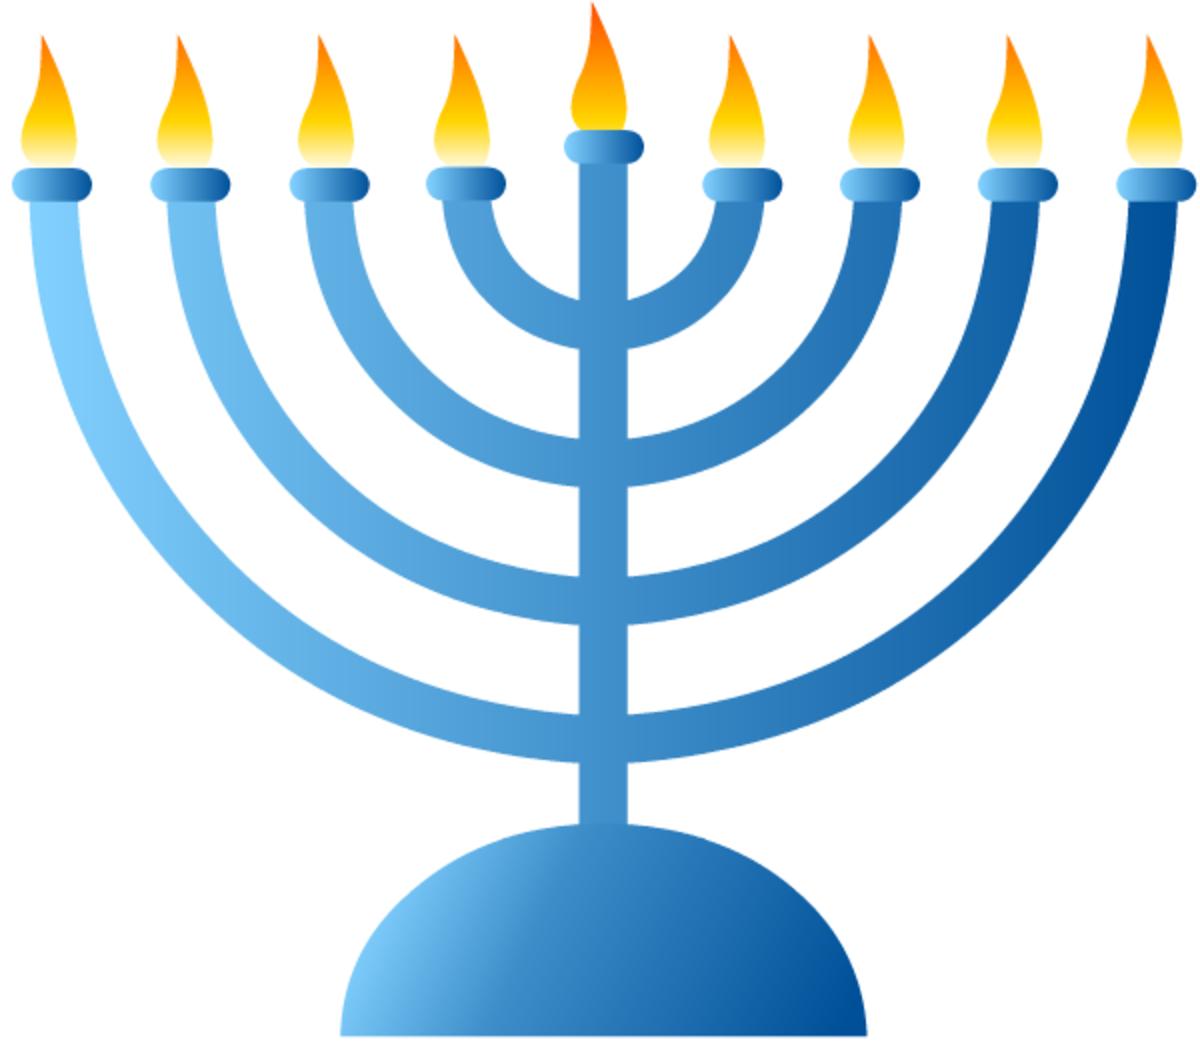 Hanukkah symbols: menorah